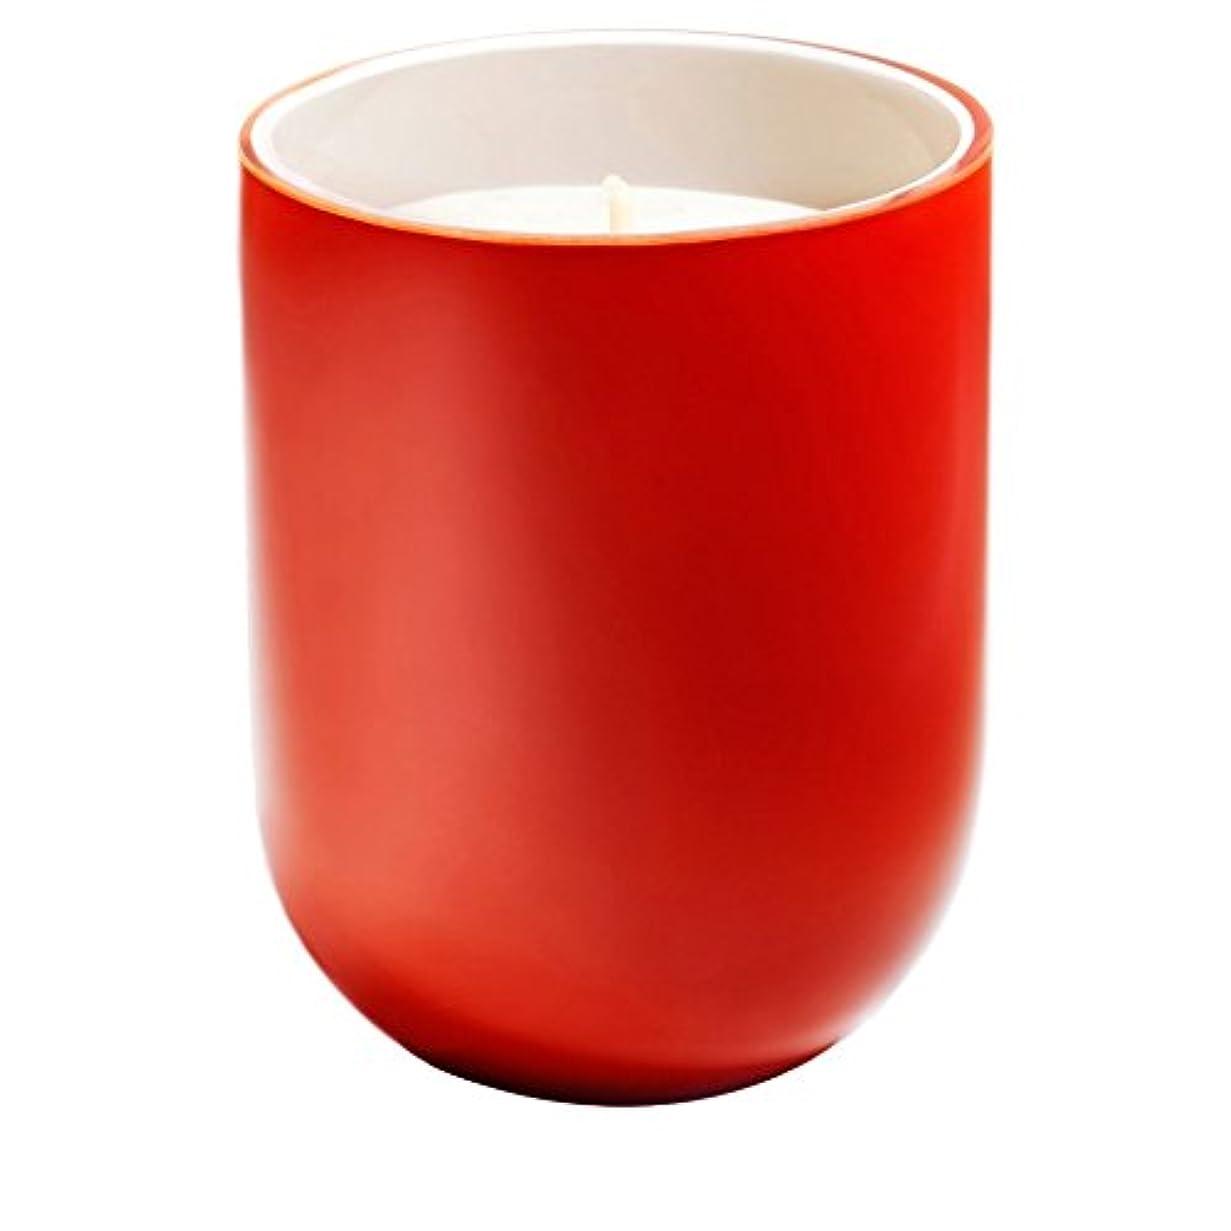 驚ダム裏切り者Frederic Malle Russian Night Scented Candle (Pack of 2) - フレデリック?マルロシアの夜香りのキャンドル x2 [並行輸入品]